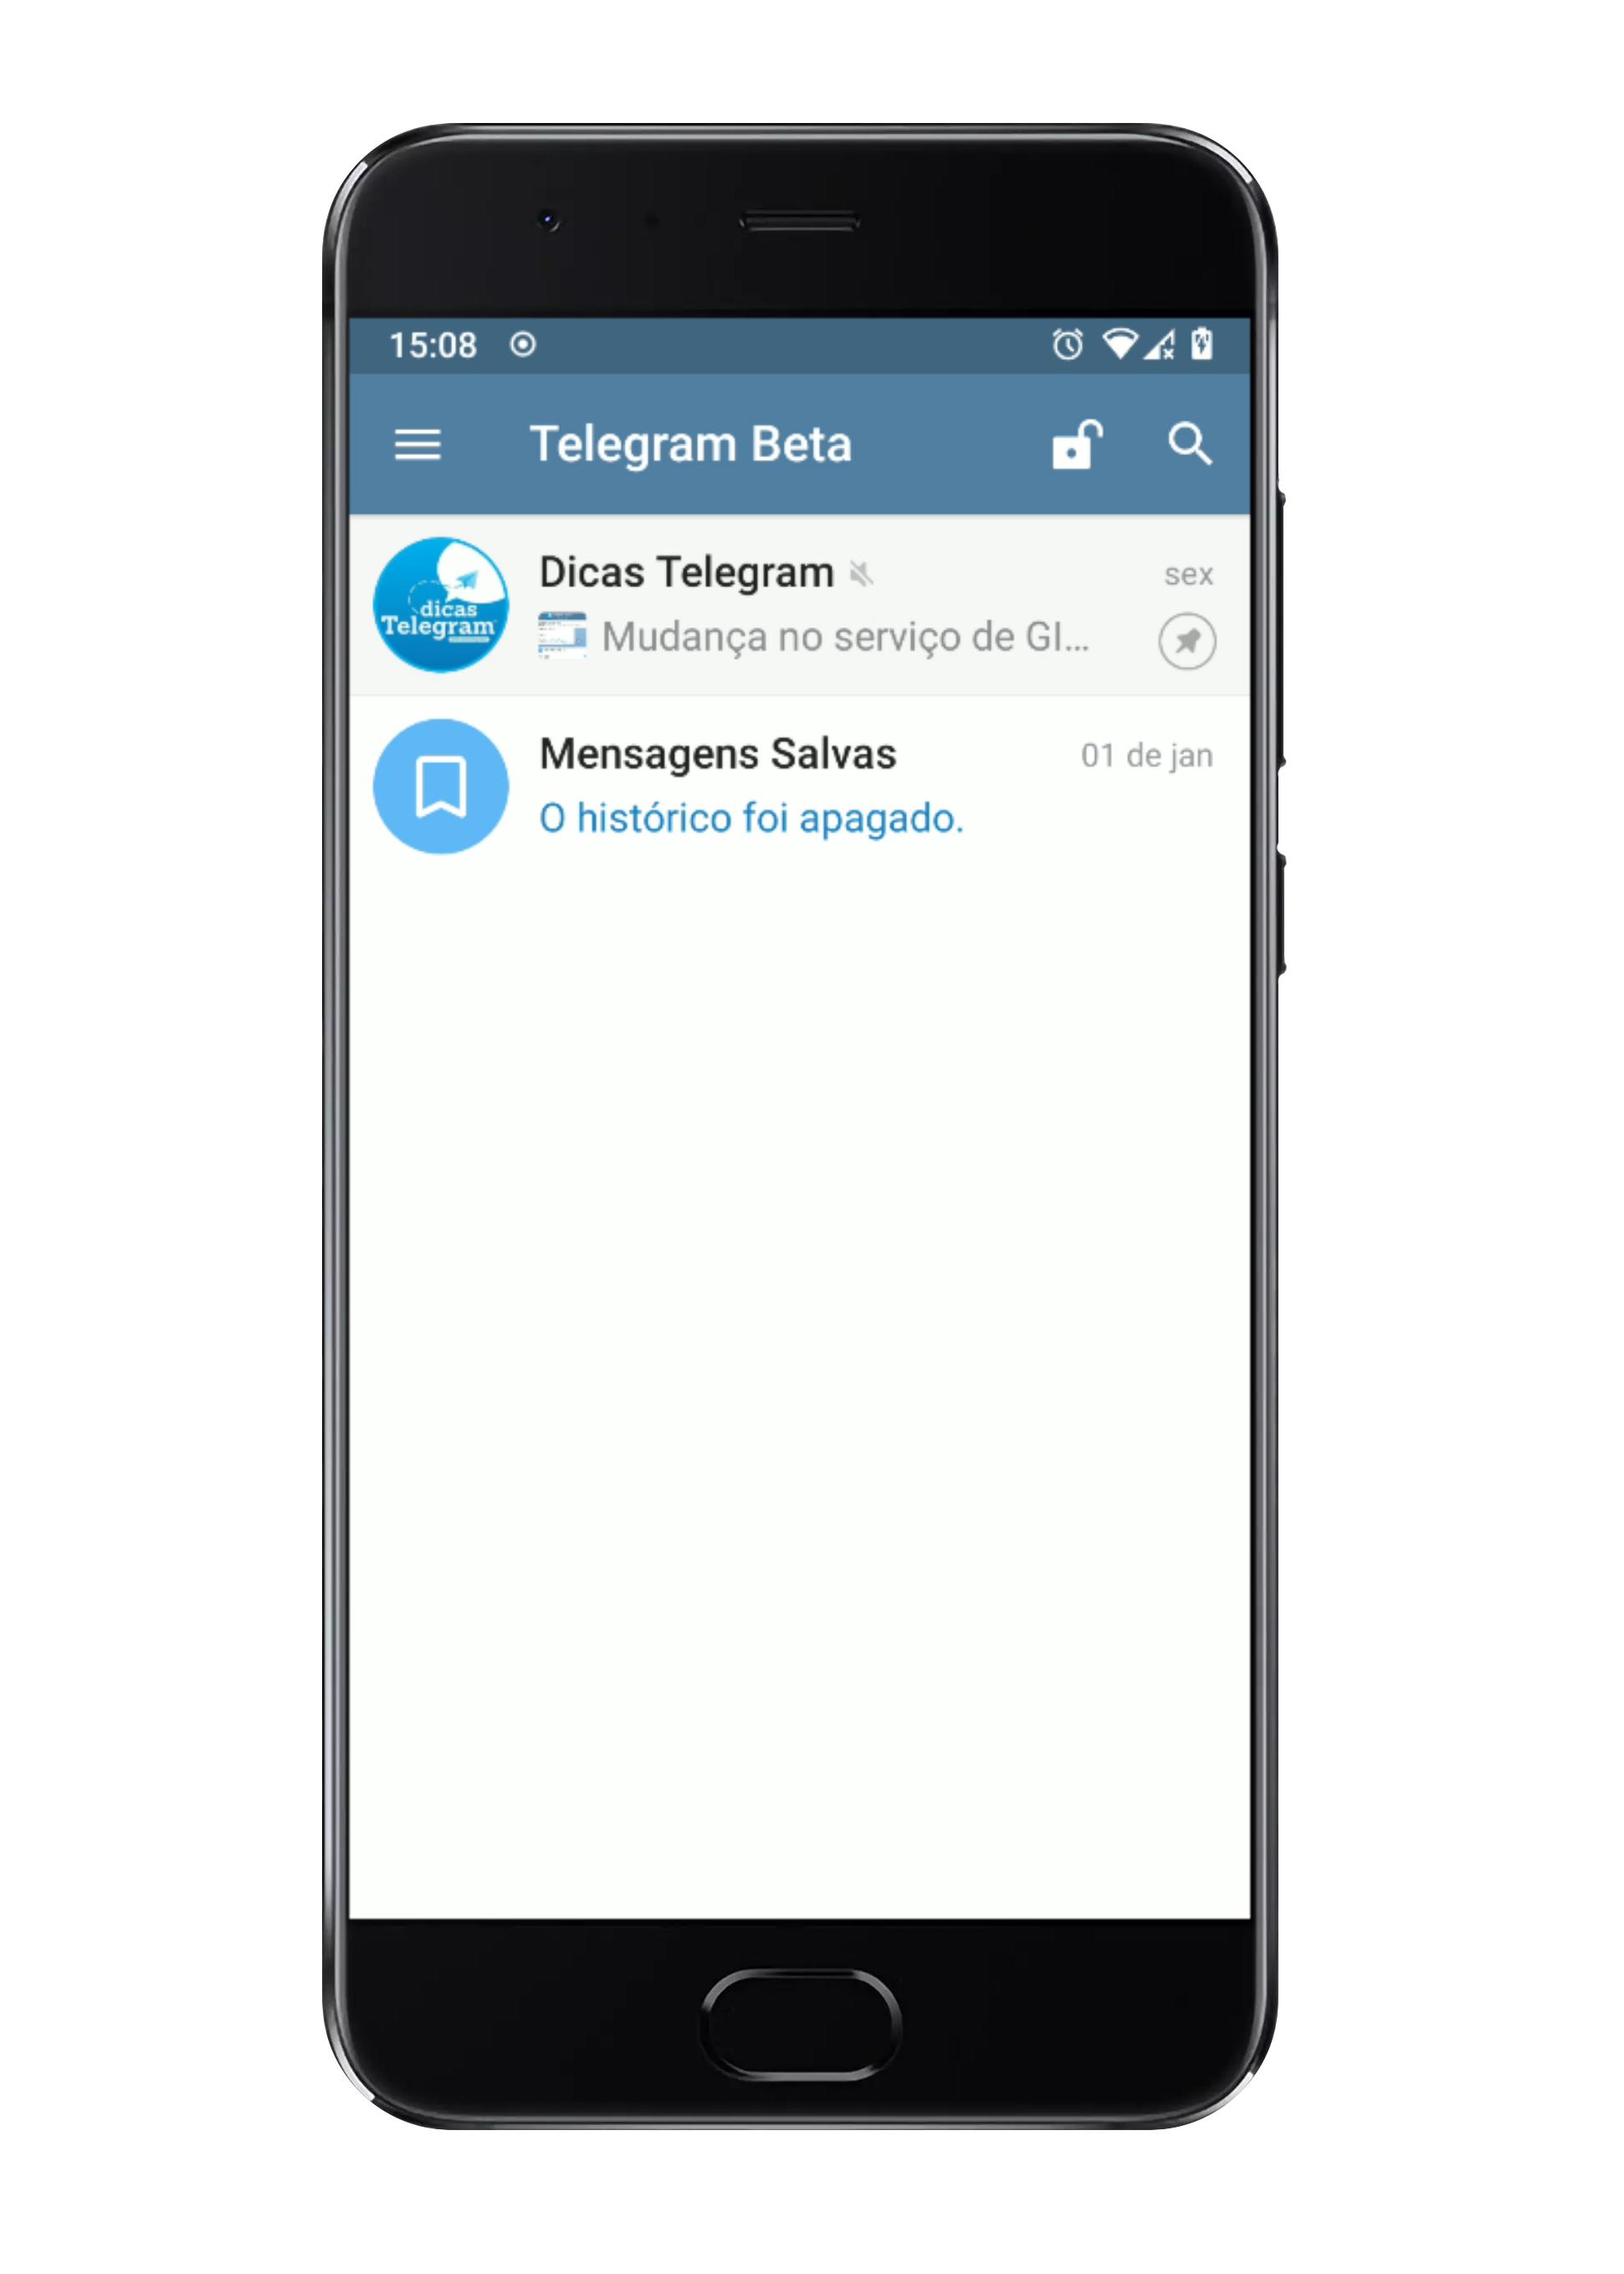 Cadeado para bloquear/desbloquear o Telegram.